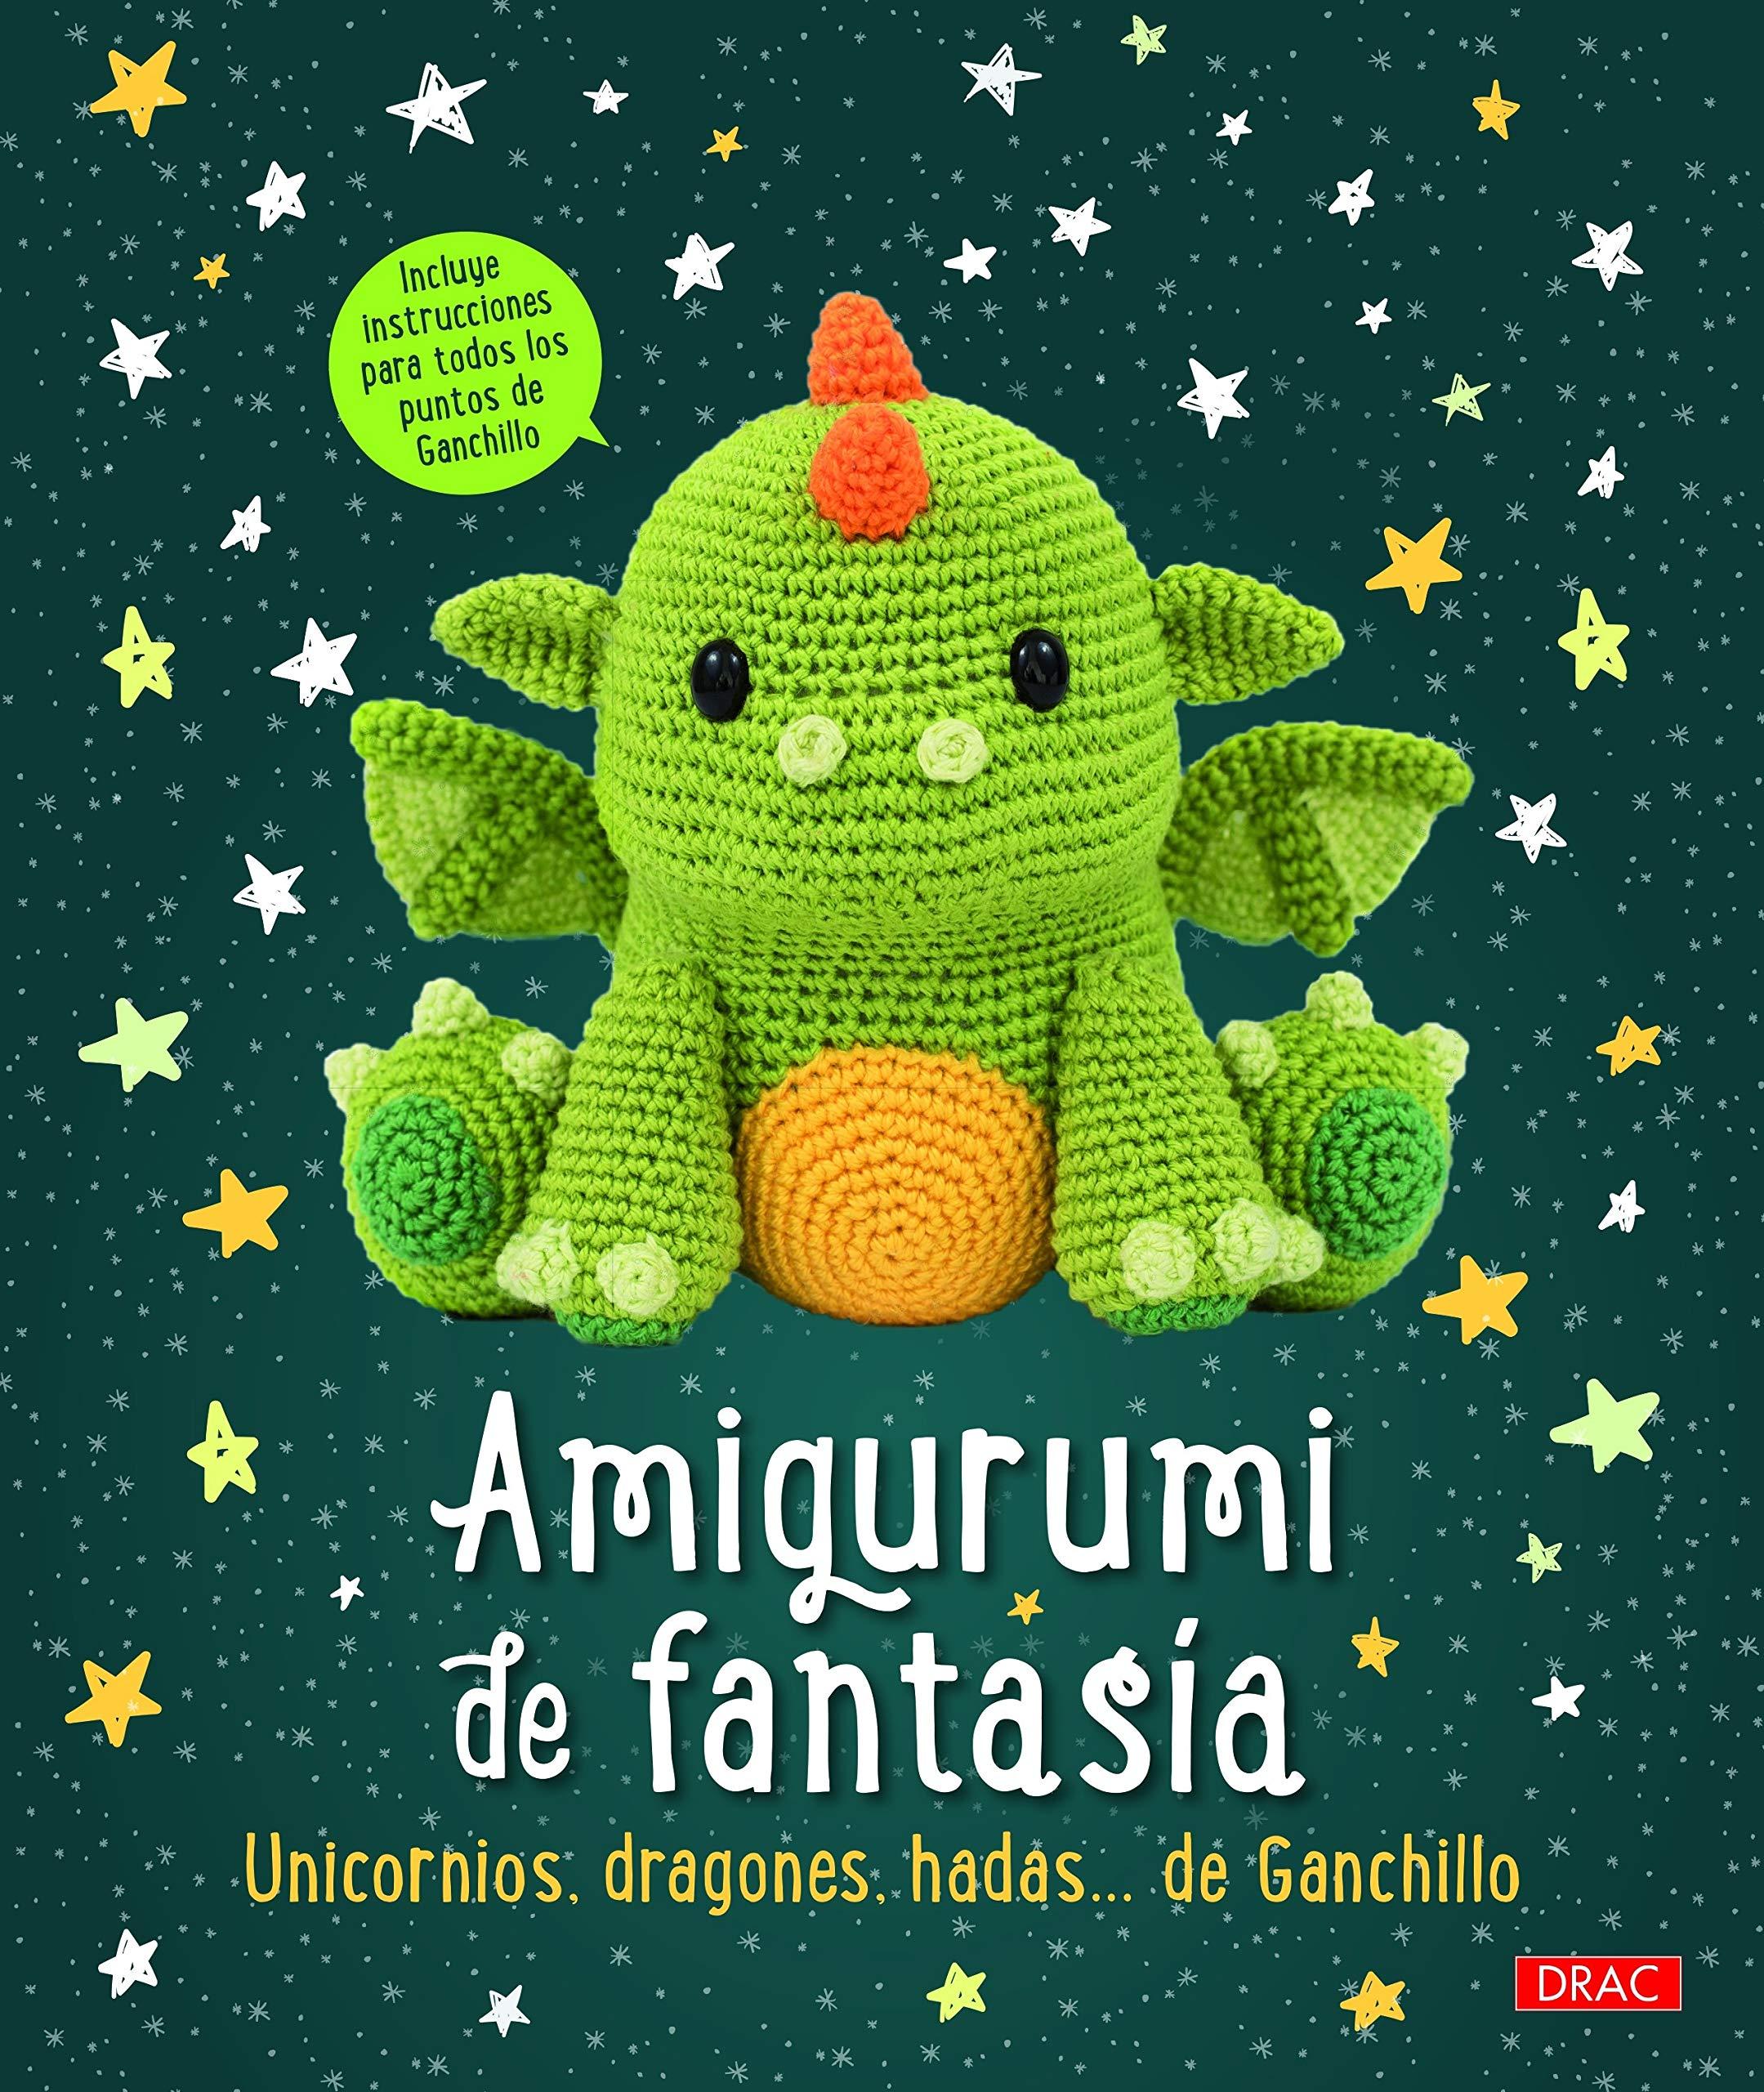 Amigurumi de fantasía: Unicornios dragones hadas...de ganchillo